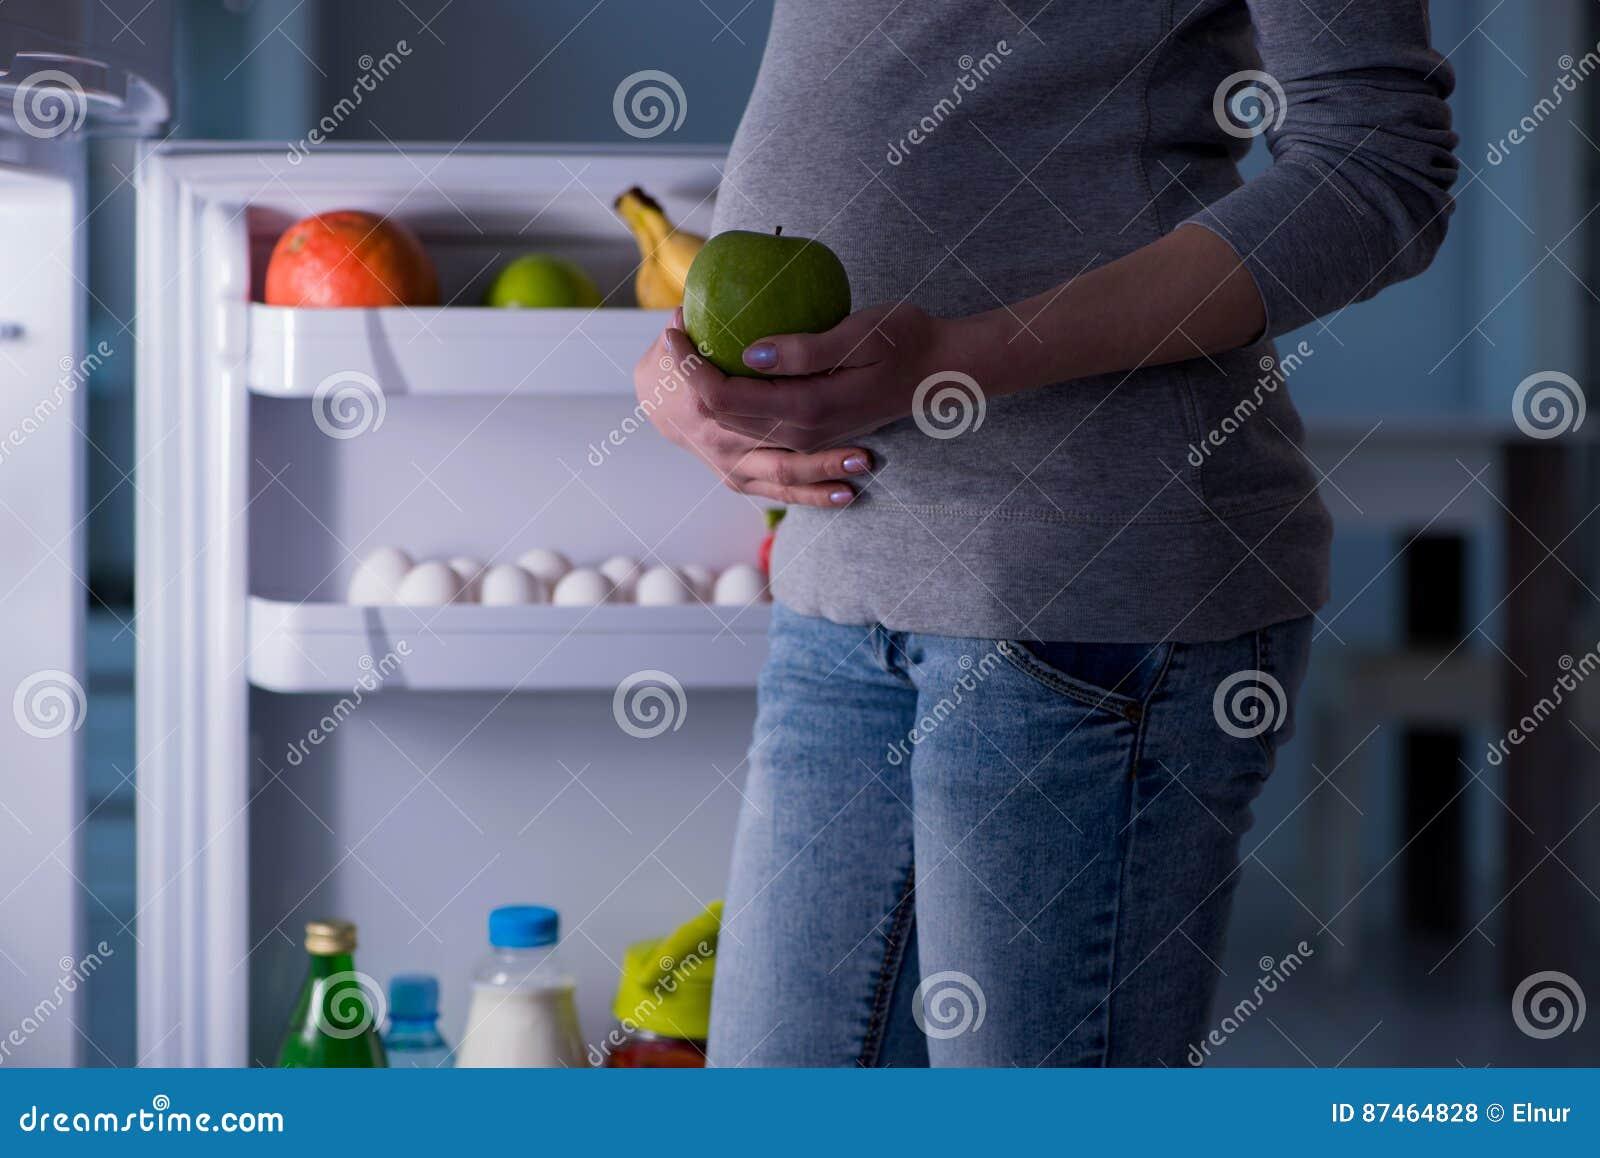 Беременная женщина около холодильника ища еда и закуски на ноче